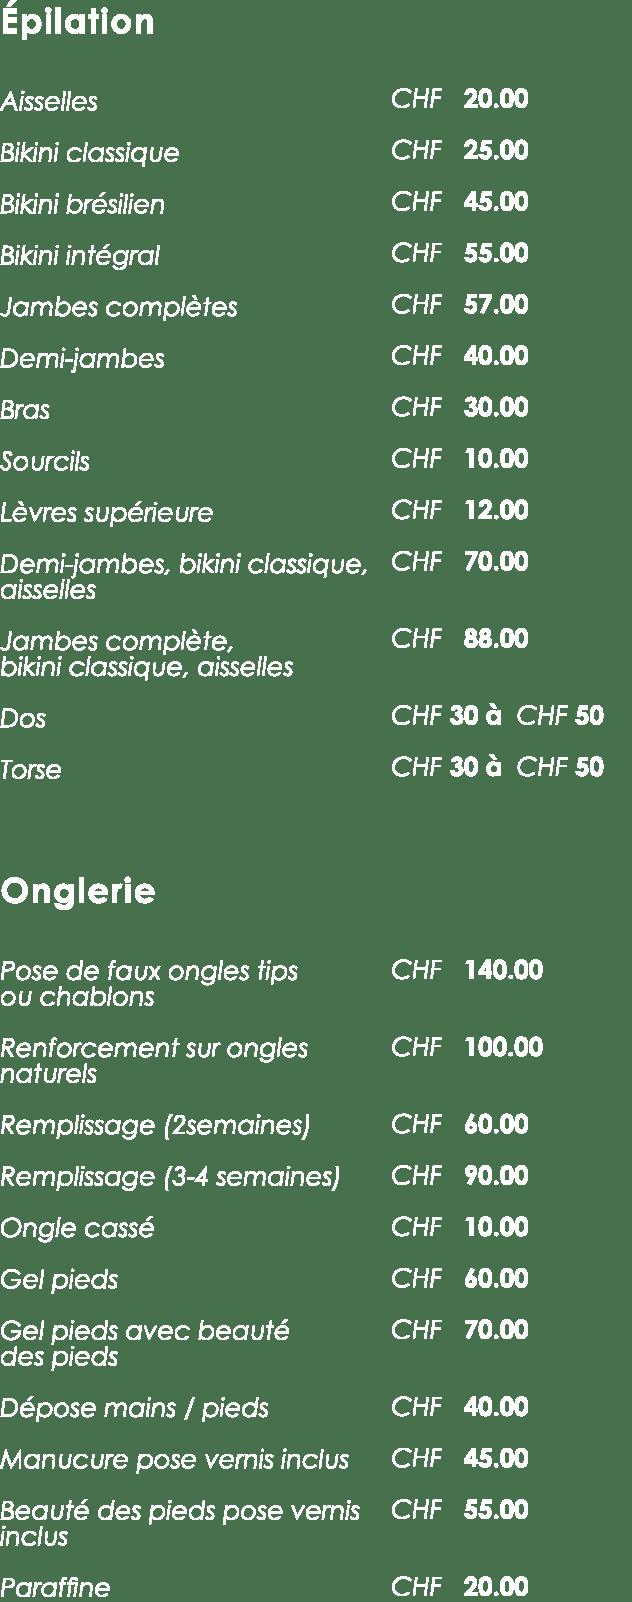 Coiffure tarifs